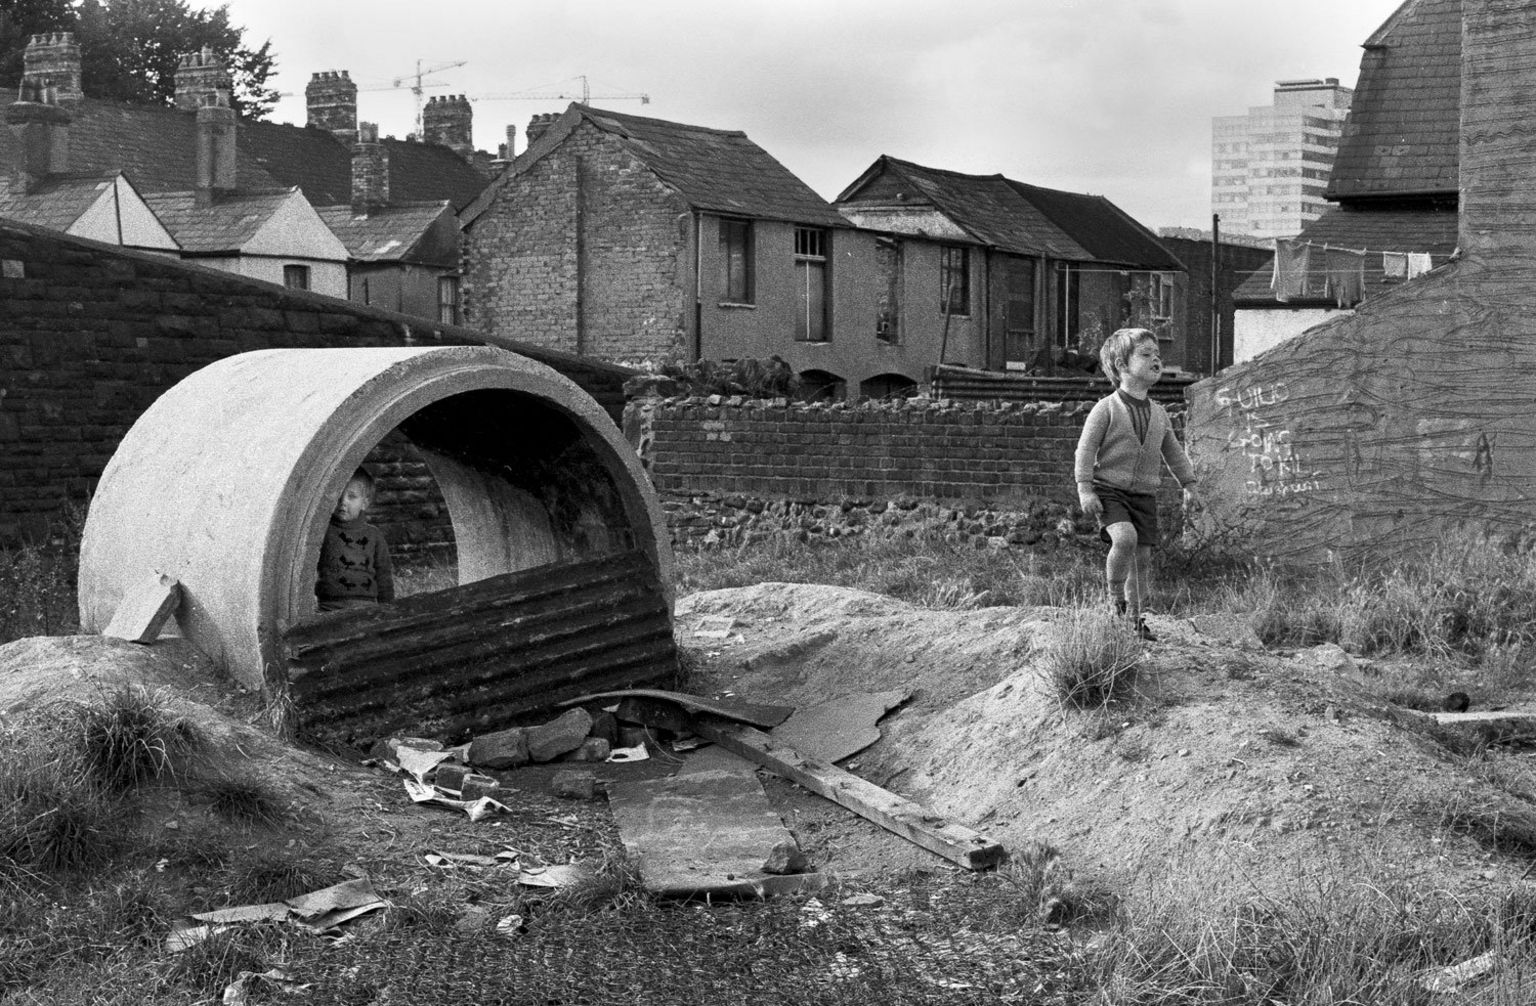 Dalston, 1971